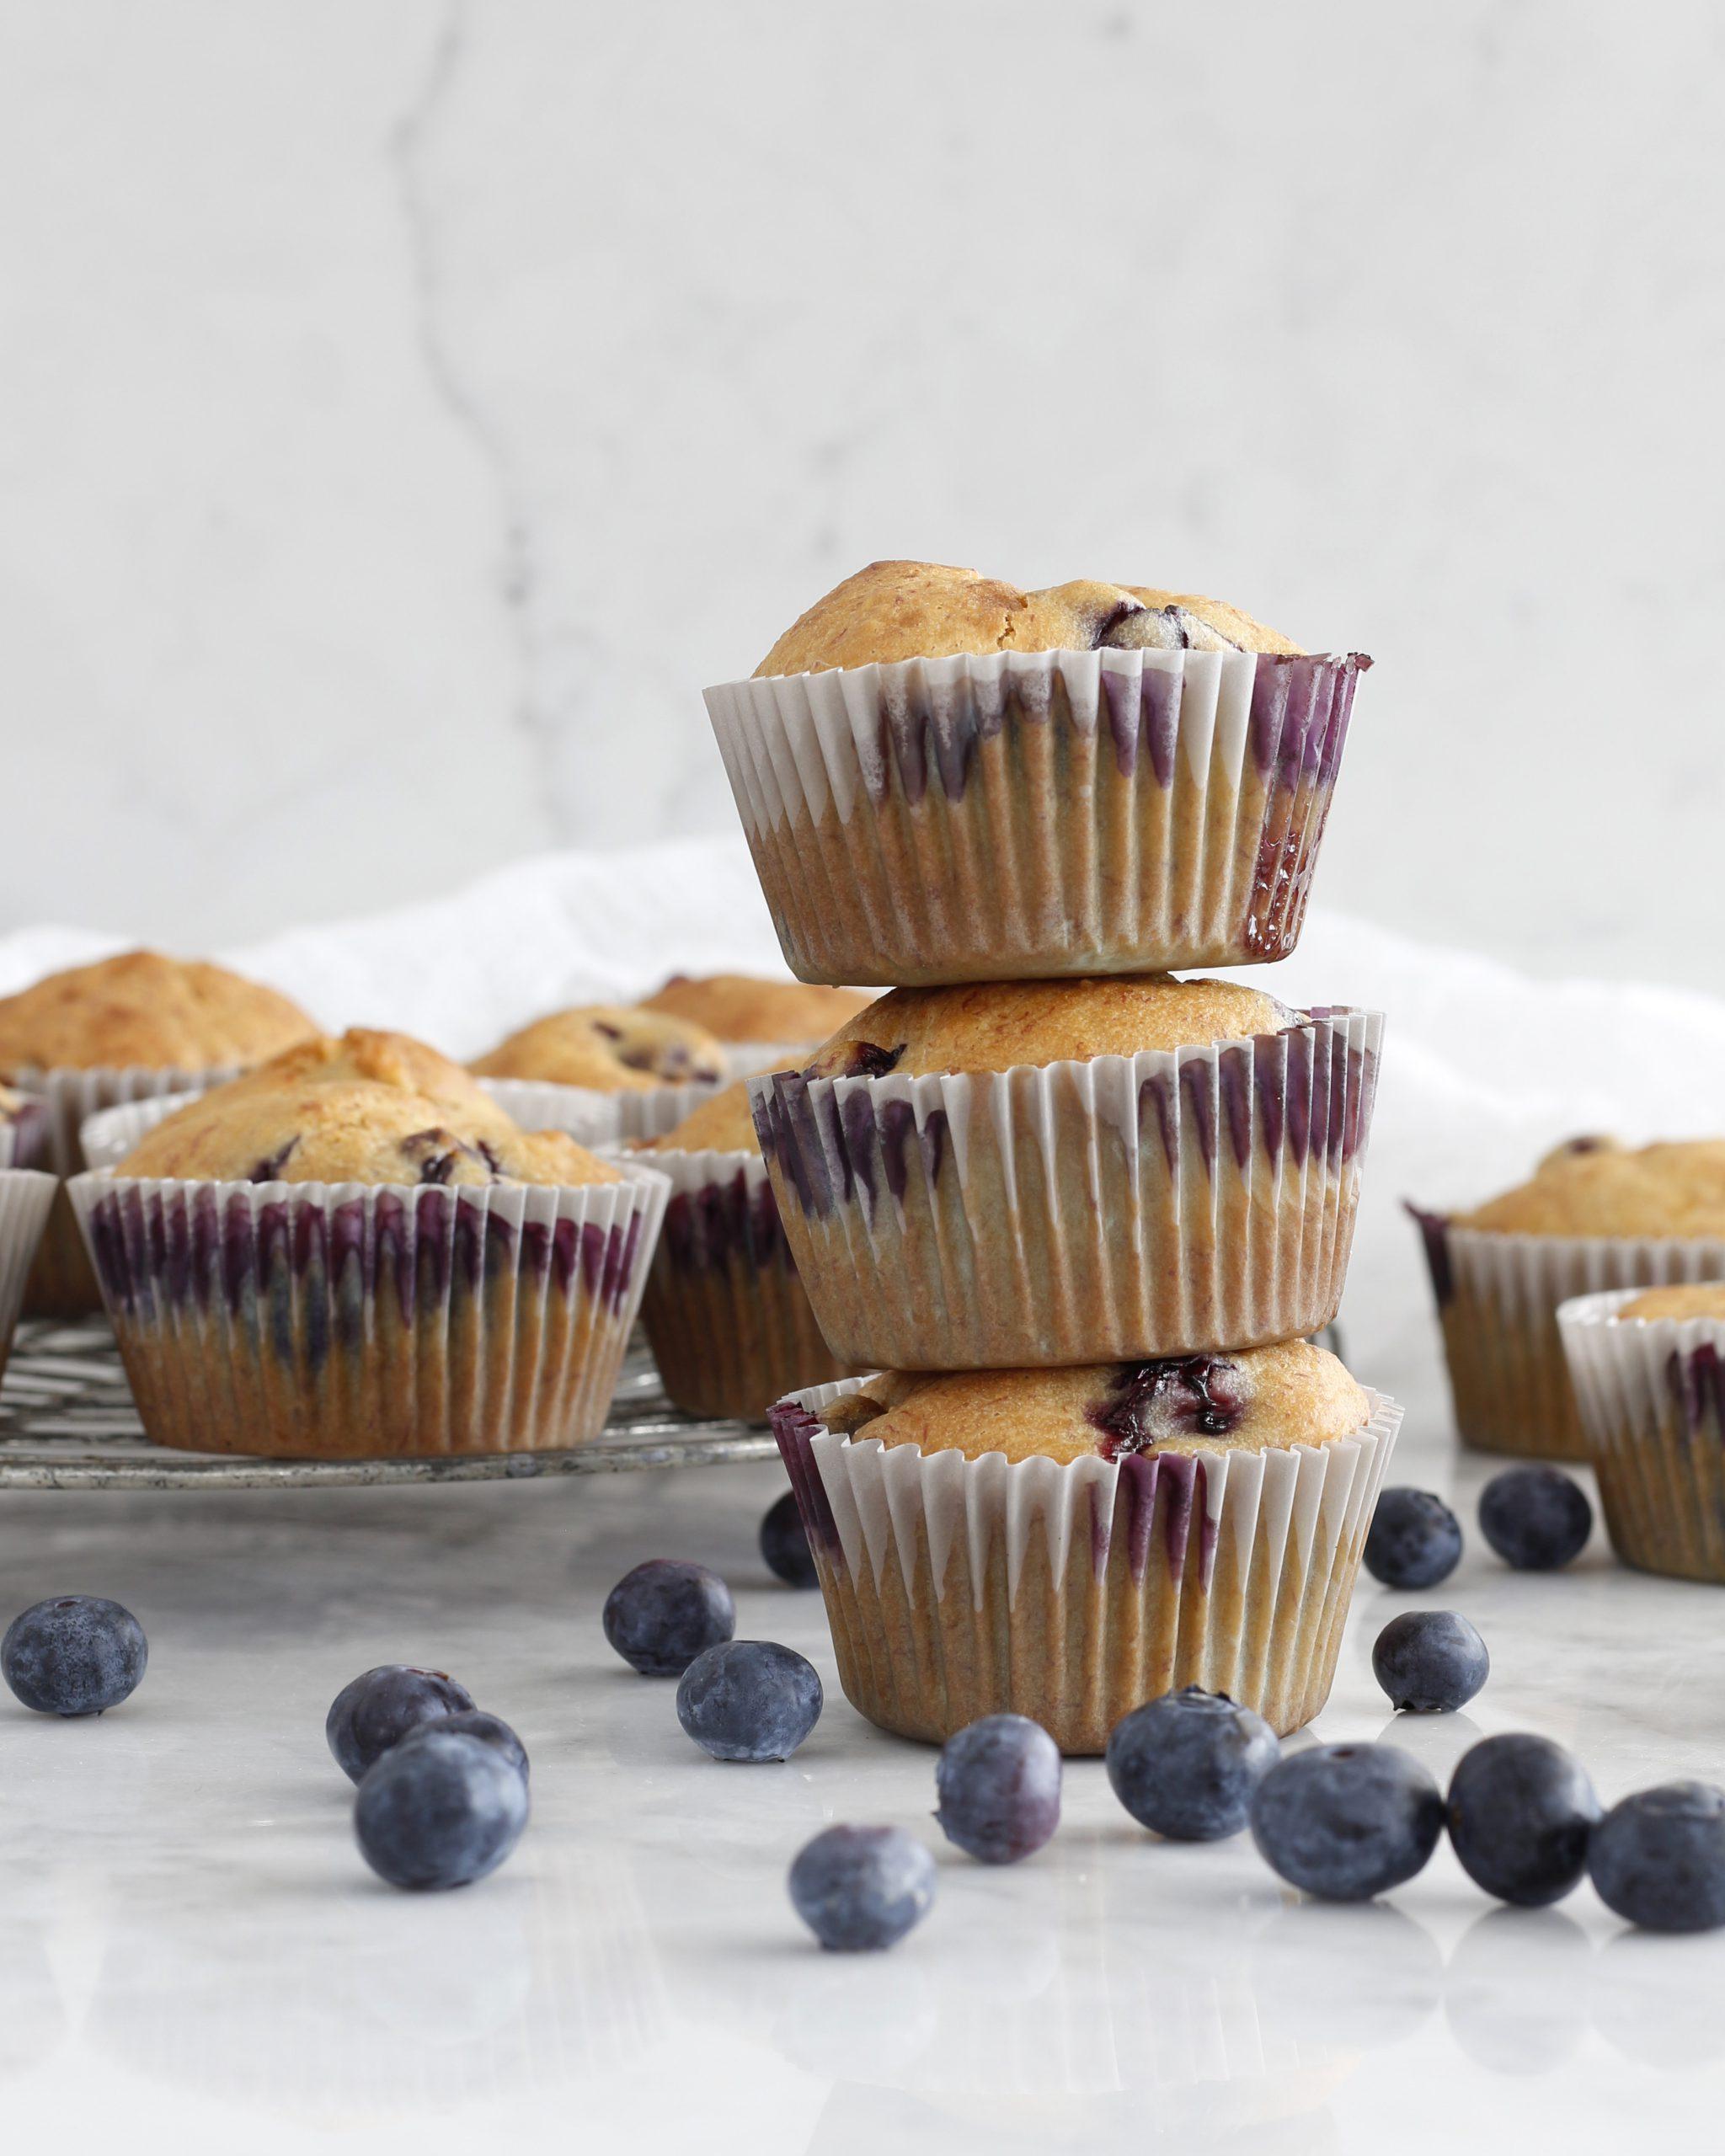 Bláberja og banana muffins